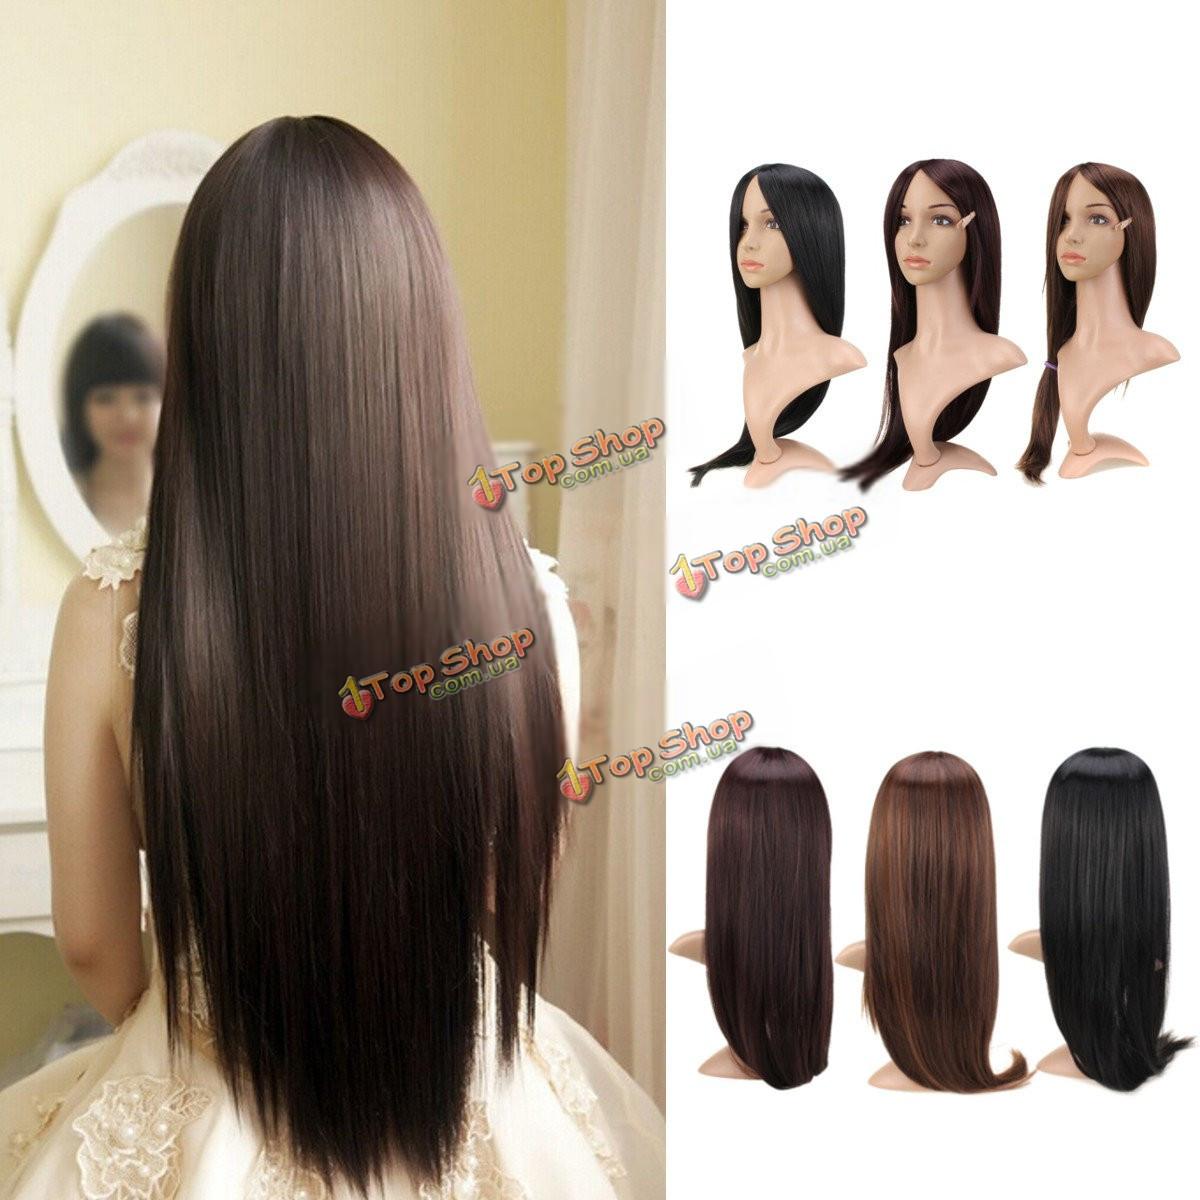 Парик длинных волос без челки синтетический - ➊TopShop ➠ Товары из Китая с бесплатной доставкой в Украину! в Киеве